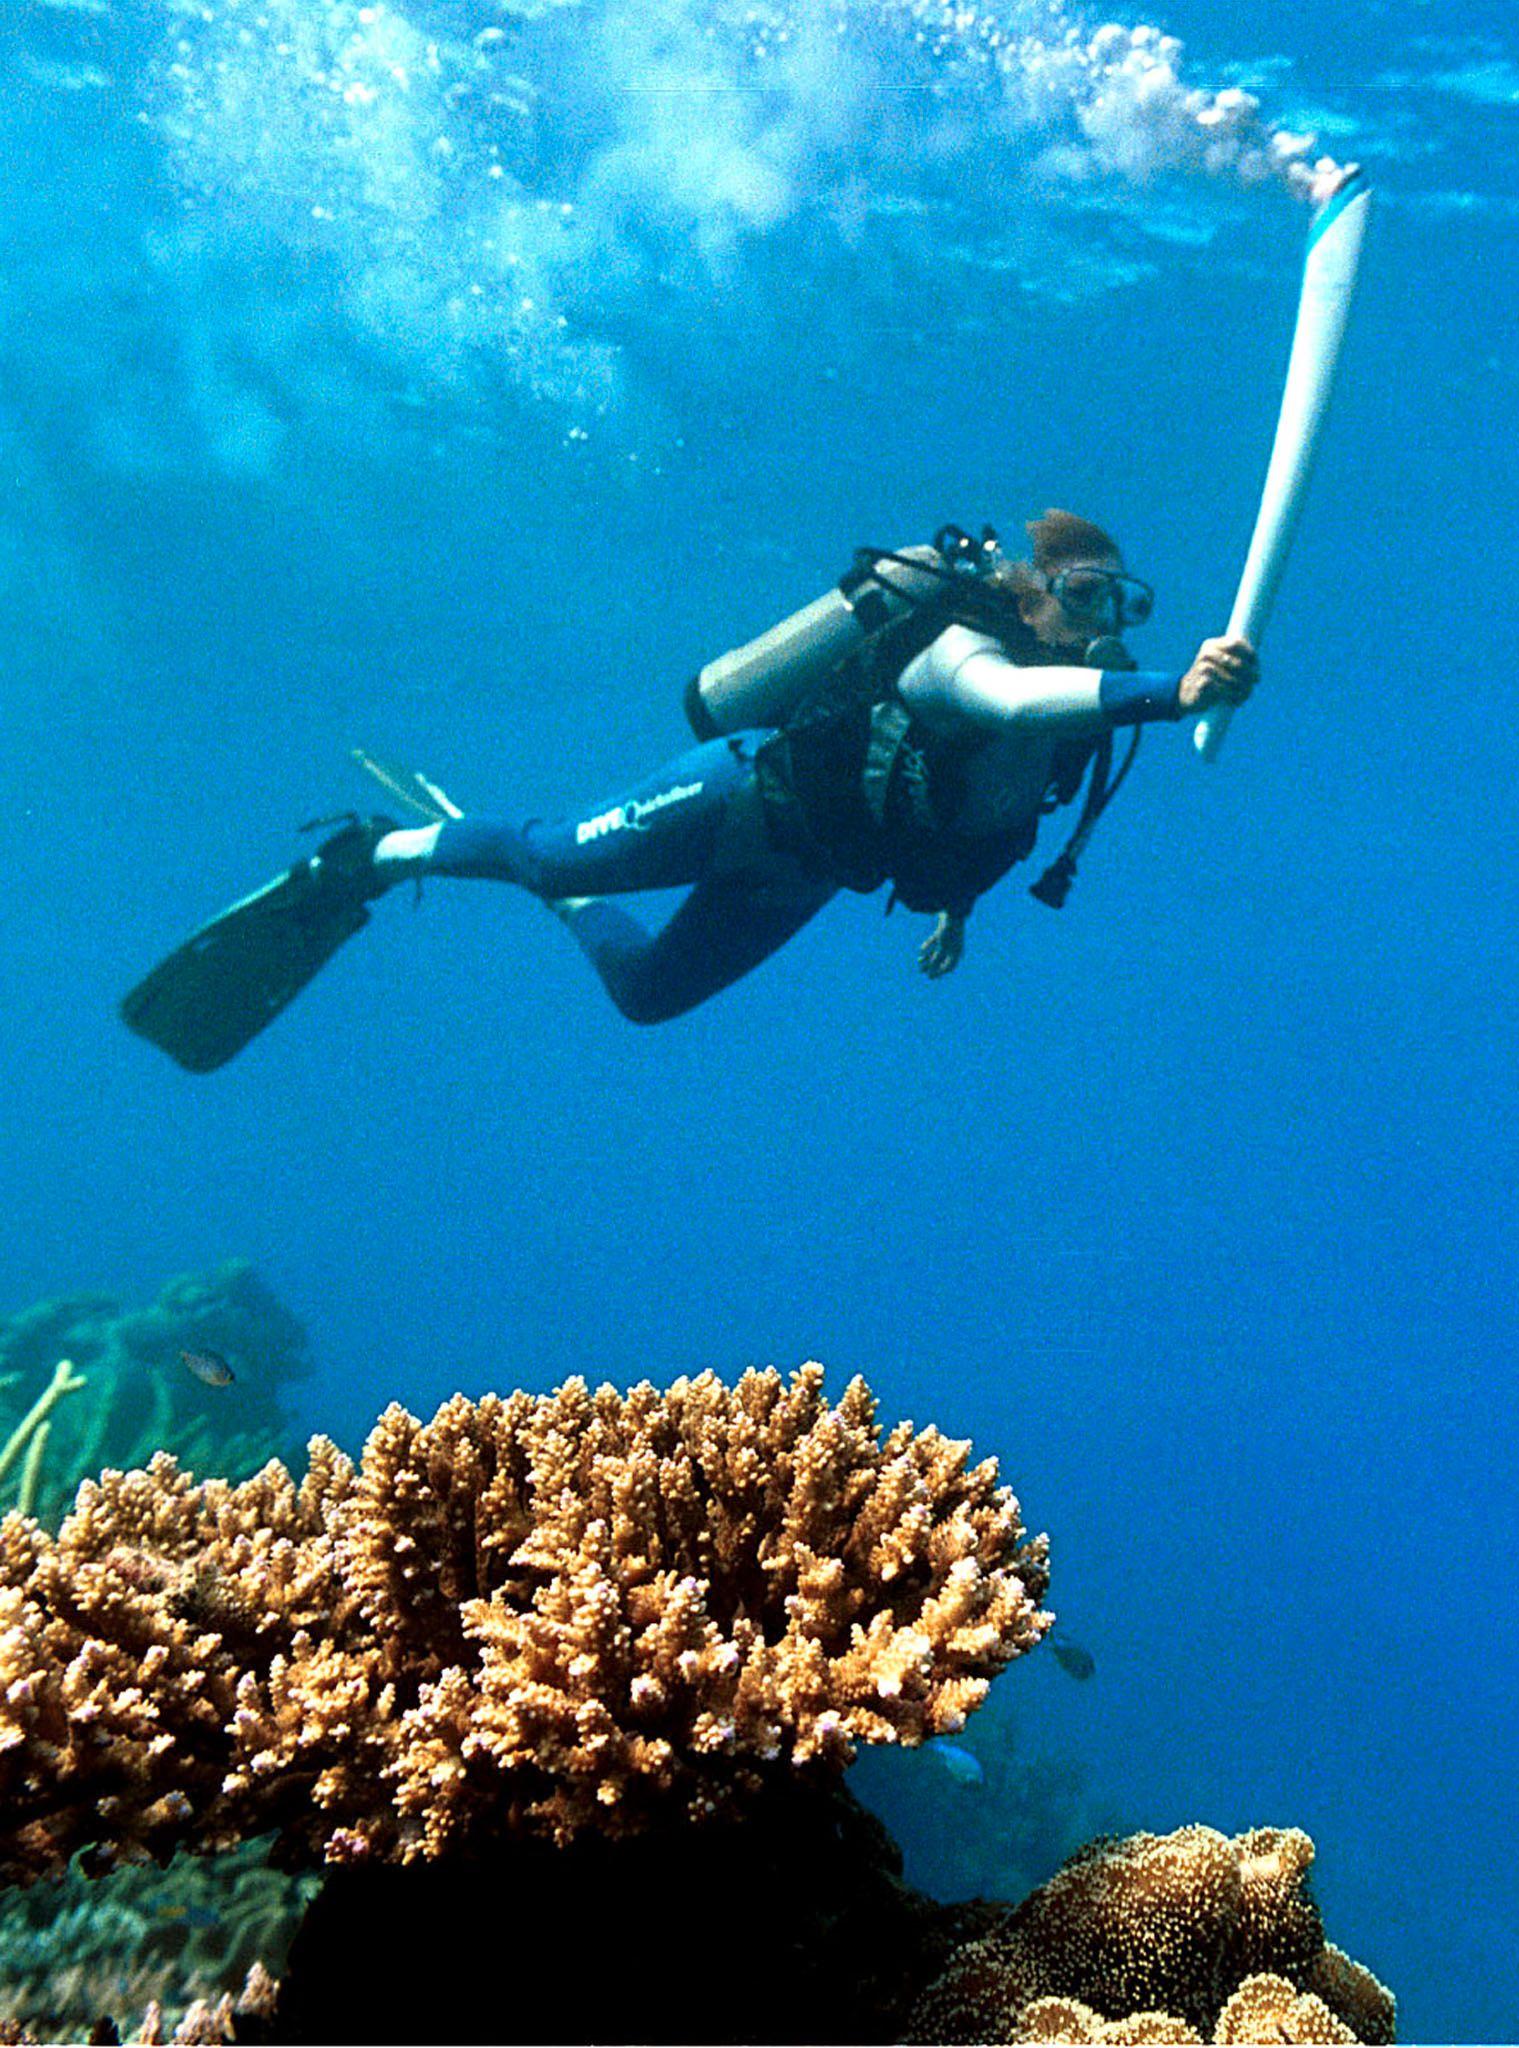 Det er ein objektiv samanheng mellom tenningsnøkkelen i vår eigen bil og øydelegginga av Great Barrier Reef – korallrevet utanfor Australia som er noko av det vakraste som finst, men som vert skada og døyr når vatnet vert varmare på grunn av klimaendringane, skriv Bård Vegar Solhjell.